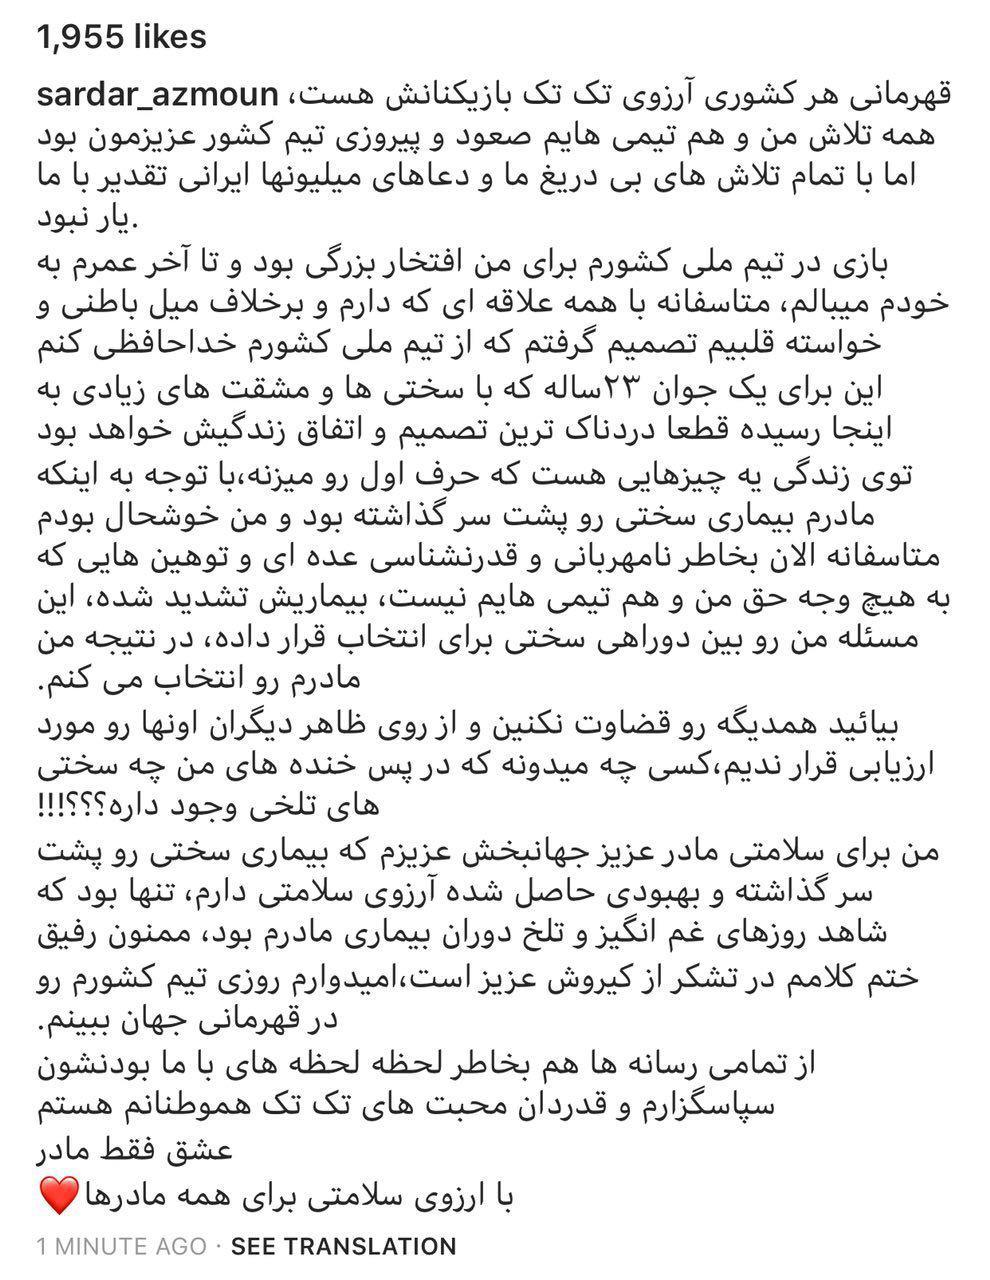 سردار آزمون هم از تیم ملی خداحافظی کرد (عکس)